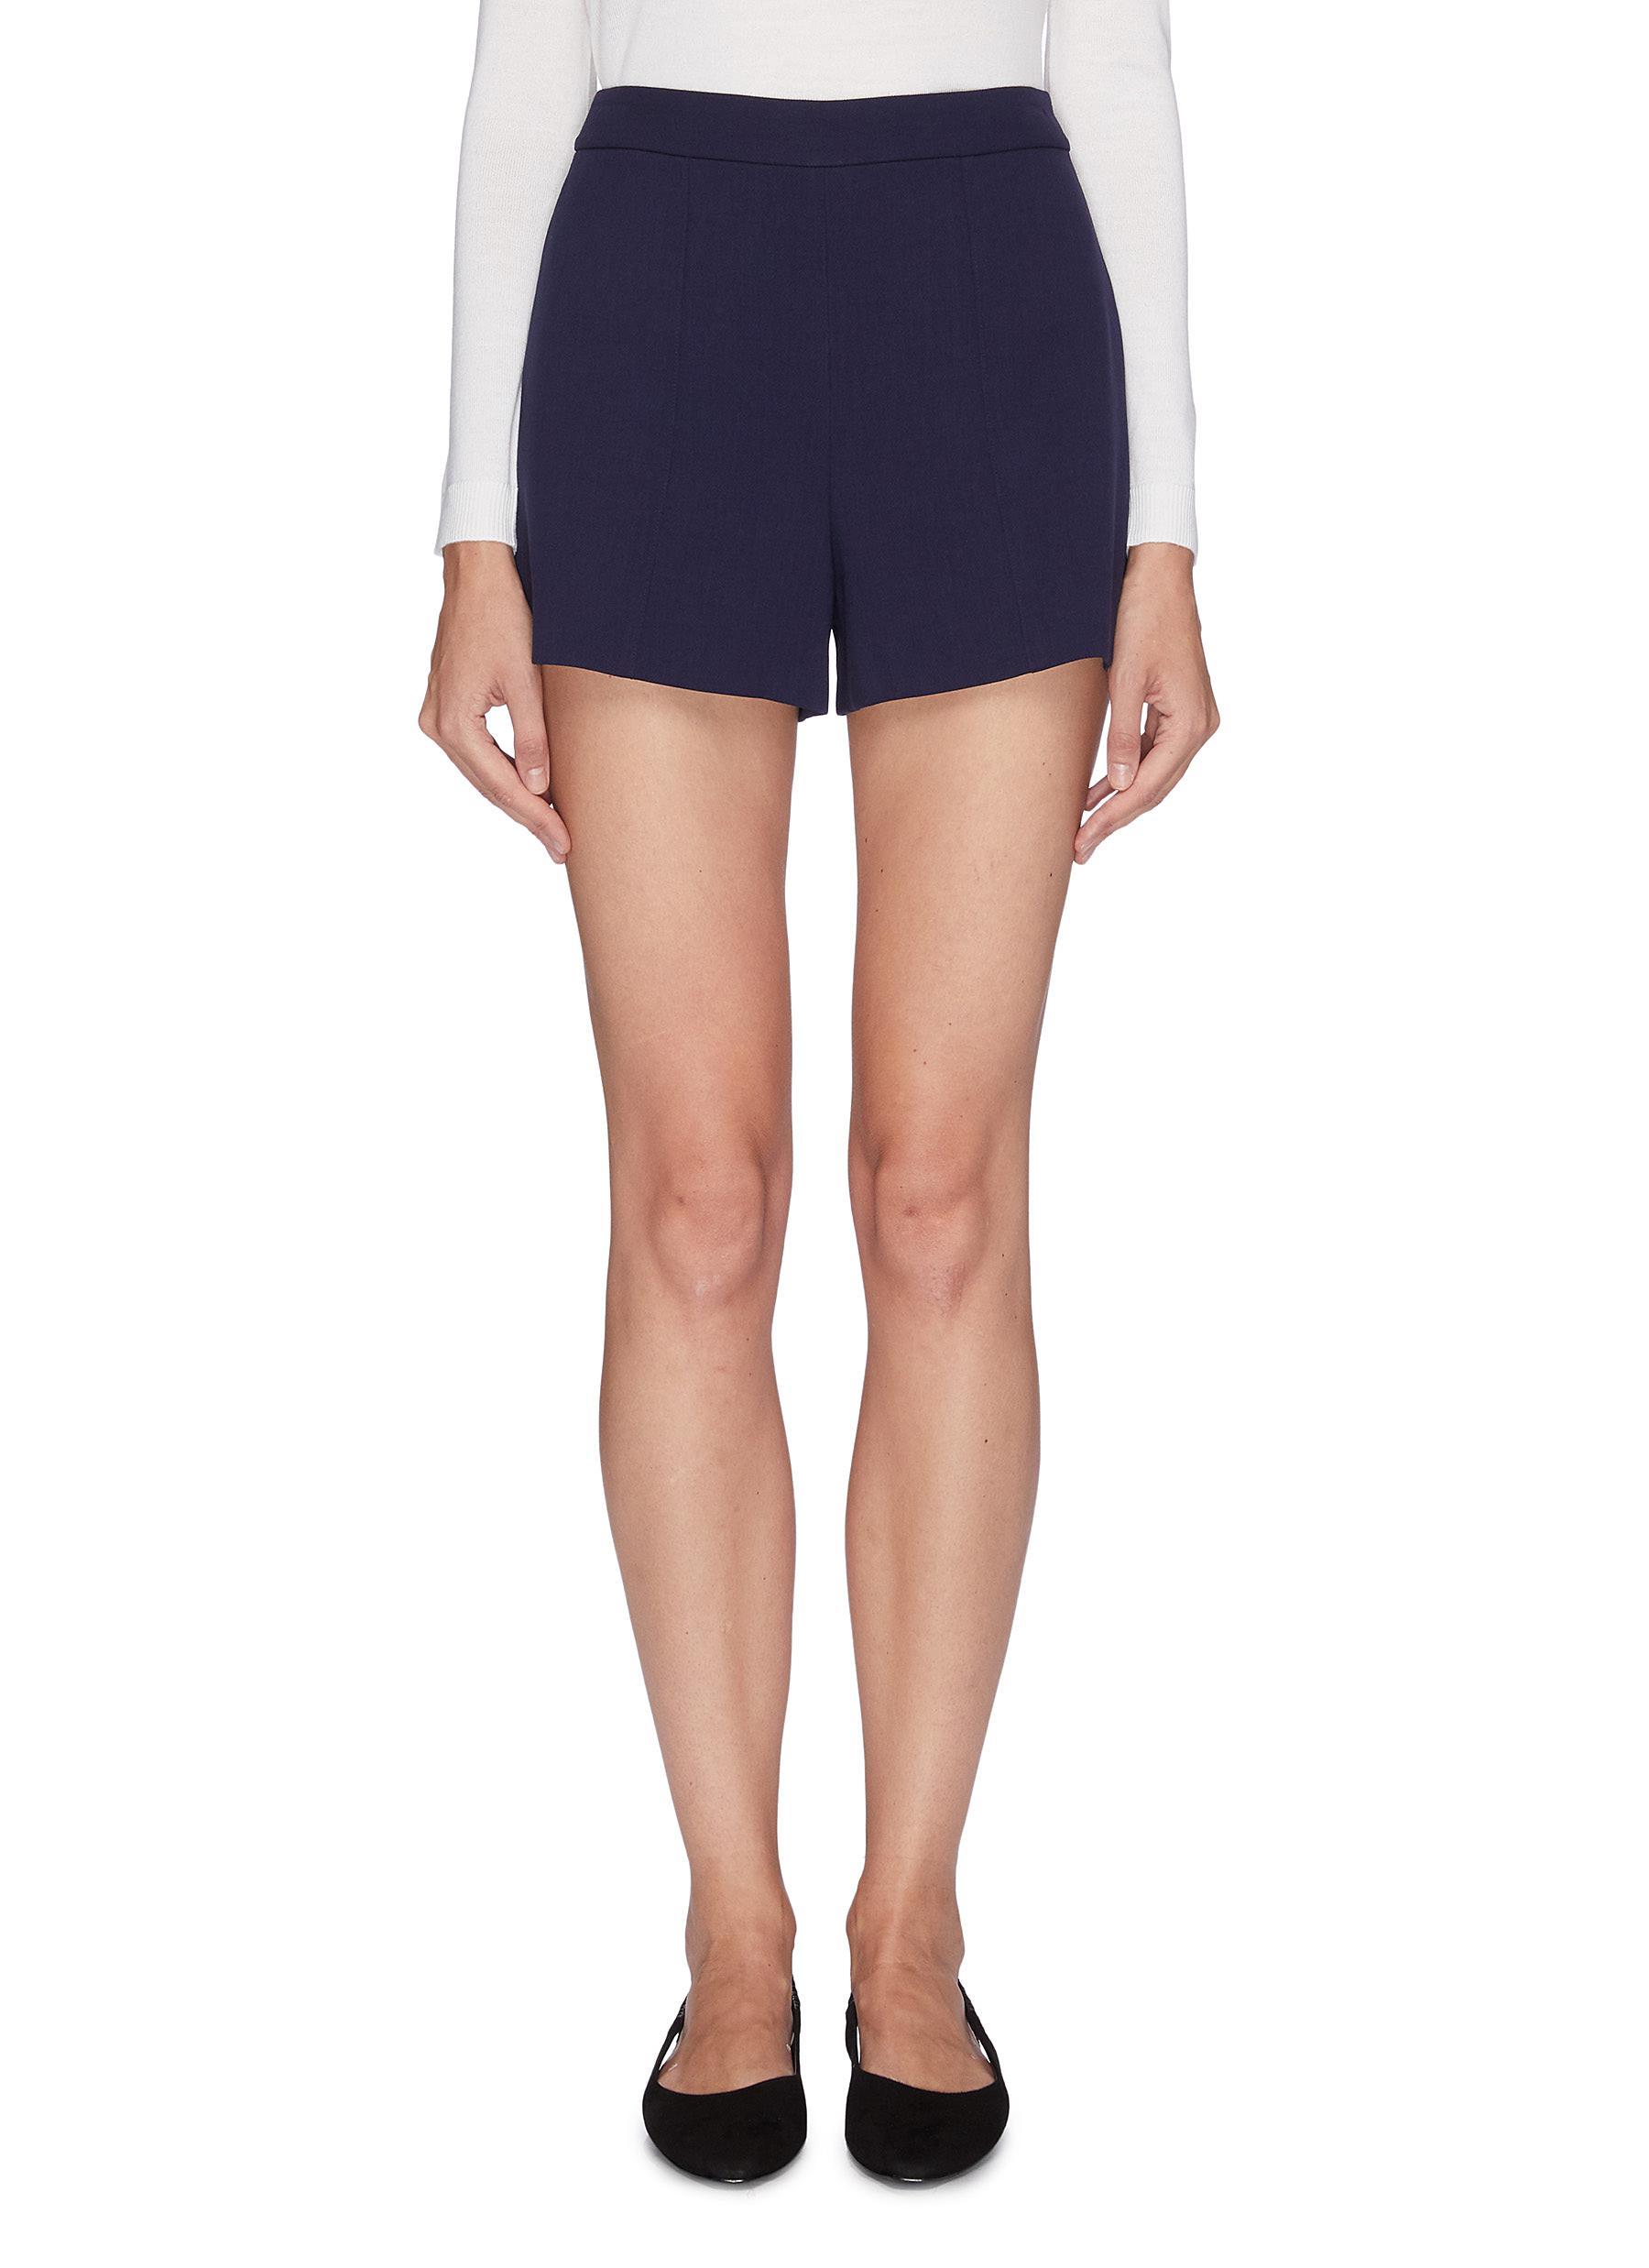 Hera shorts by Alice + Olivia